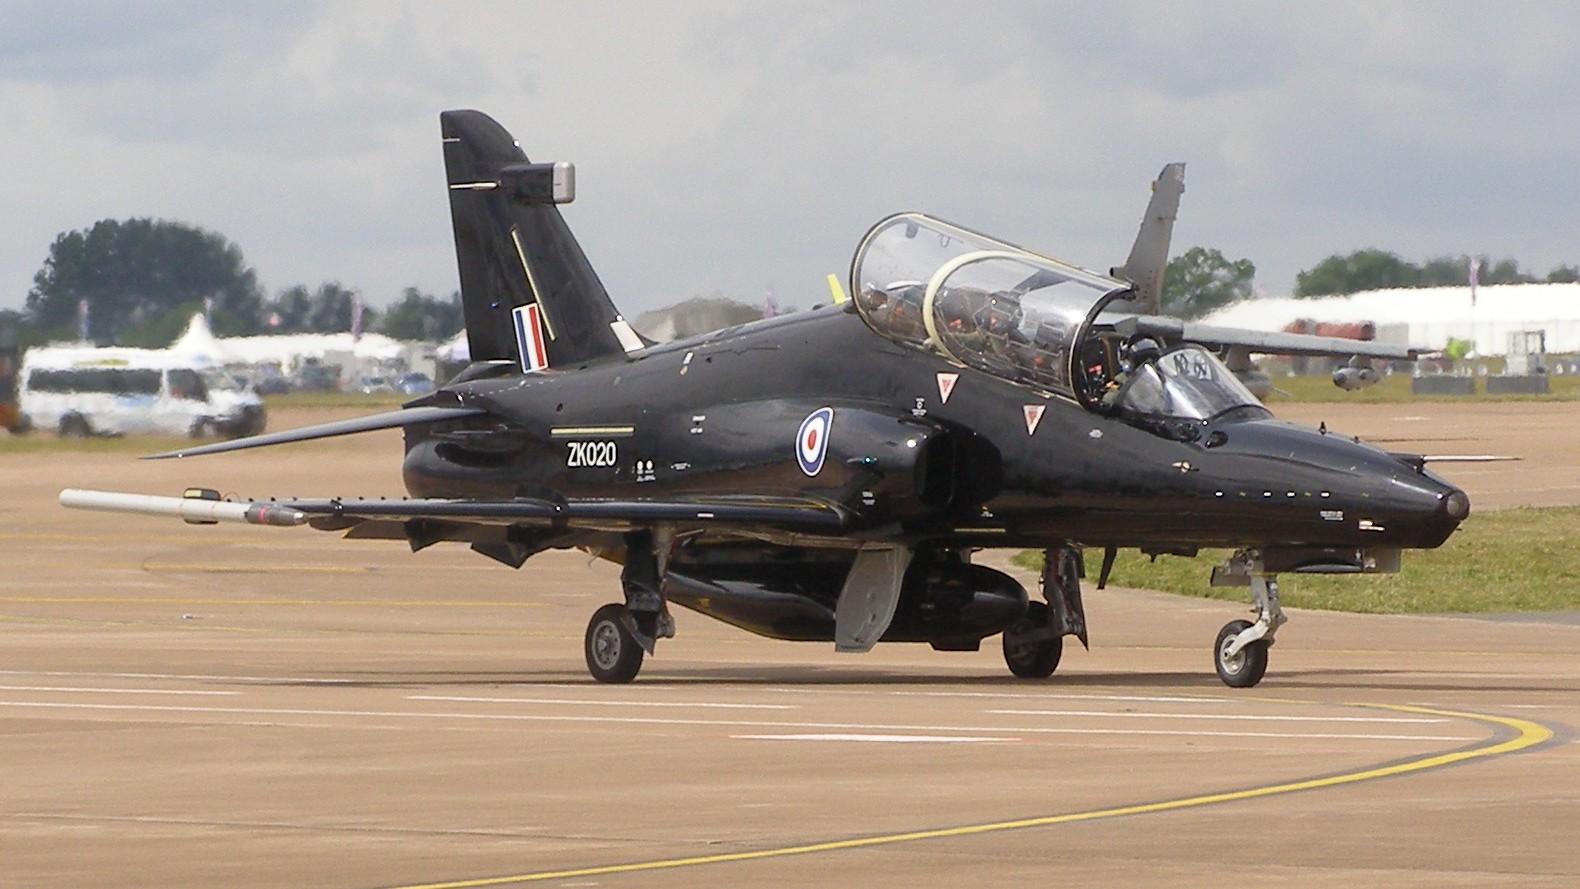 Le Hawk T2/128 est l'ultime évolution du Hawk britannique, l'un des meilleurs appareils d'entrainement avancé du monde, ainsi que l'un des plus répandu. Bien qu'il équipe déjà l'US Navy, dans une version spécifique, le Hawk n'a pas pu participer au concours T-X en raison de performances dynamiques insuffisantes (Photo MilborneOne-Wikimedia)